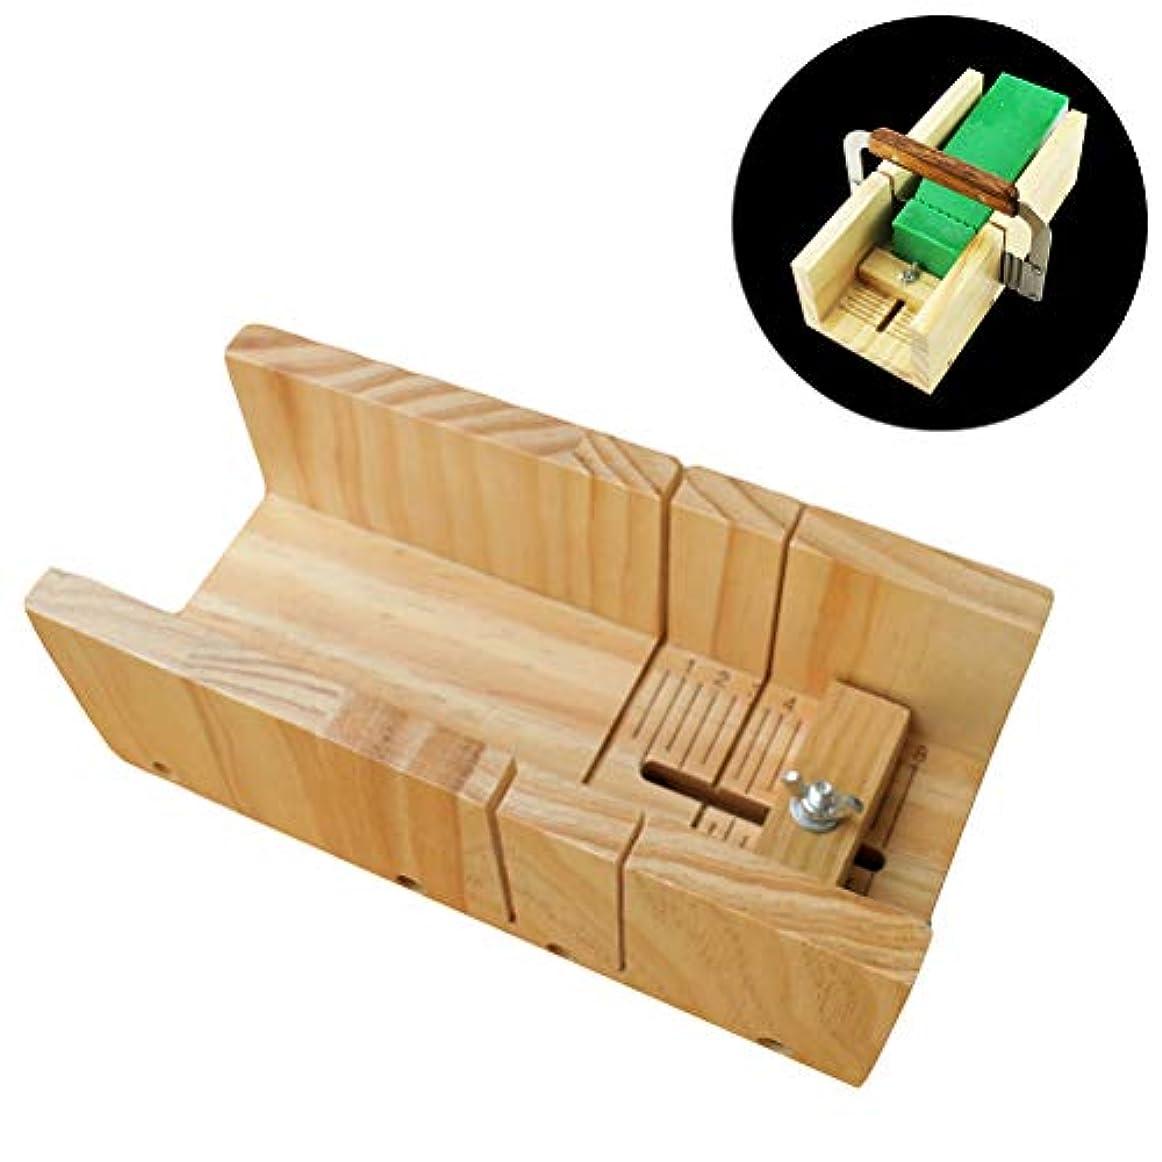 ファントム理容師邪魔するHealifty 木製石鹸カッターモールド石鹸ロープモールド調節可能なカッターモールドボックス石鹸ツールを作る